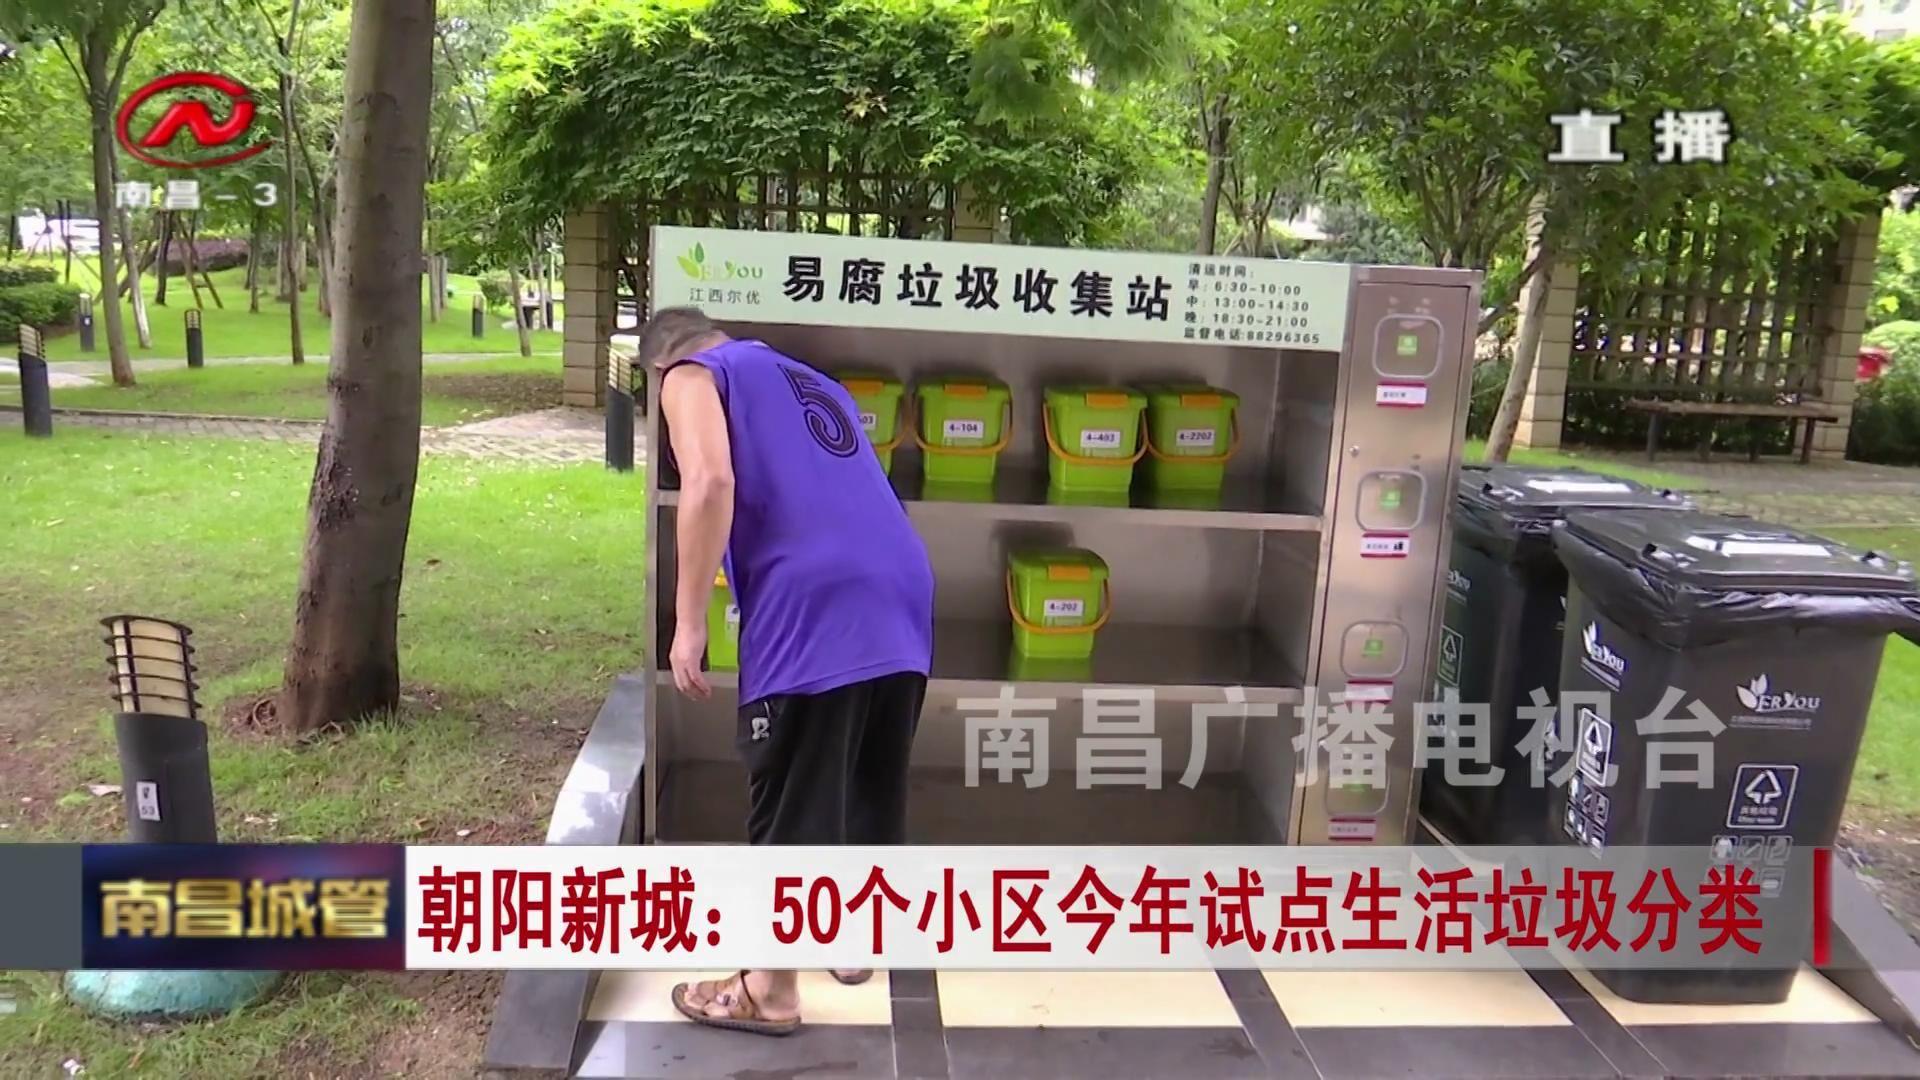 【城管新闻】朝阳新城:50个小区今年试点生活垃圾分类